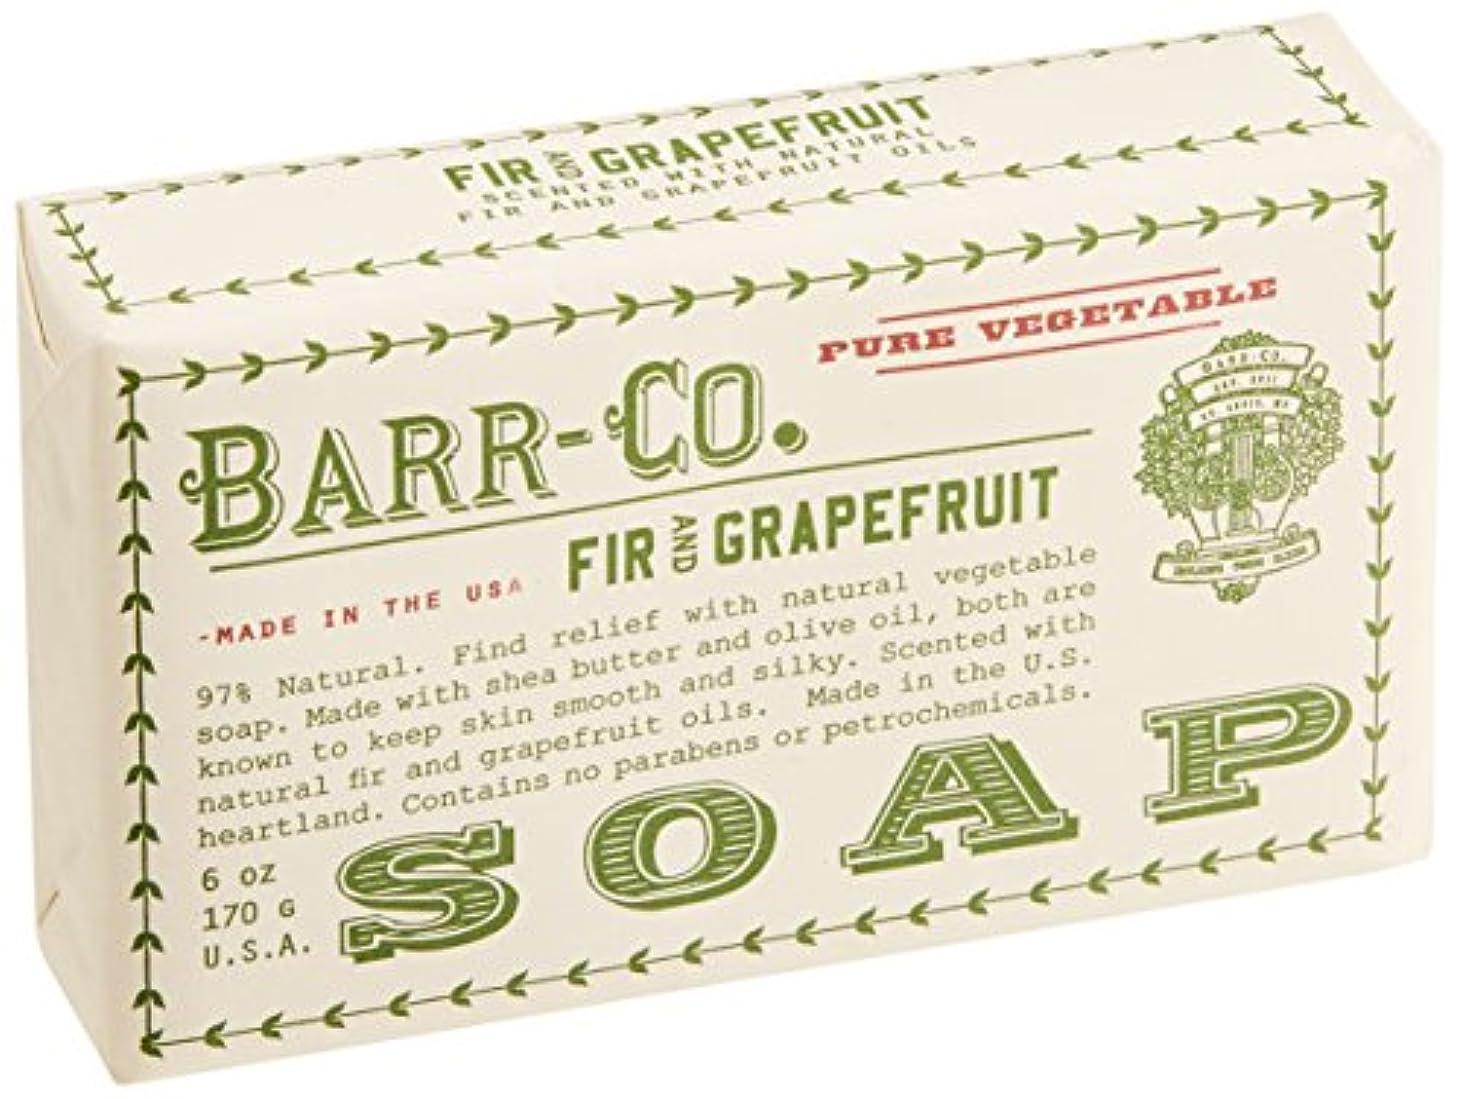 見通し要求拡大するBARR-CO.(バーコー) バーソープ FIR&GRAPEFRUIT